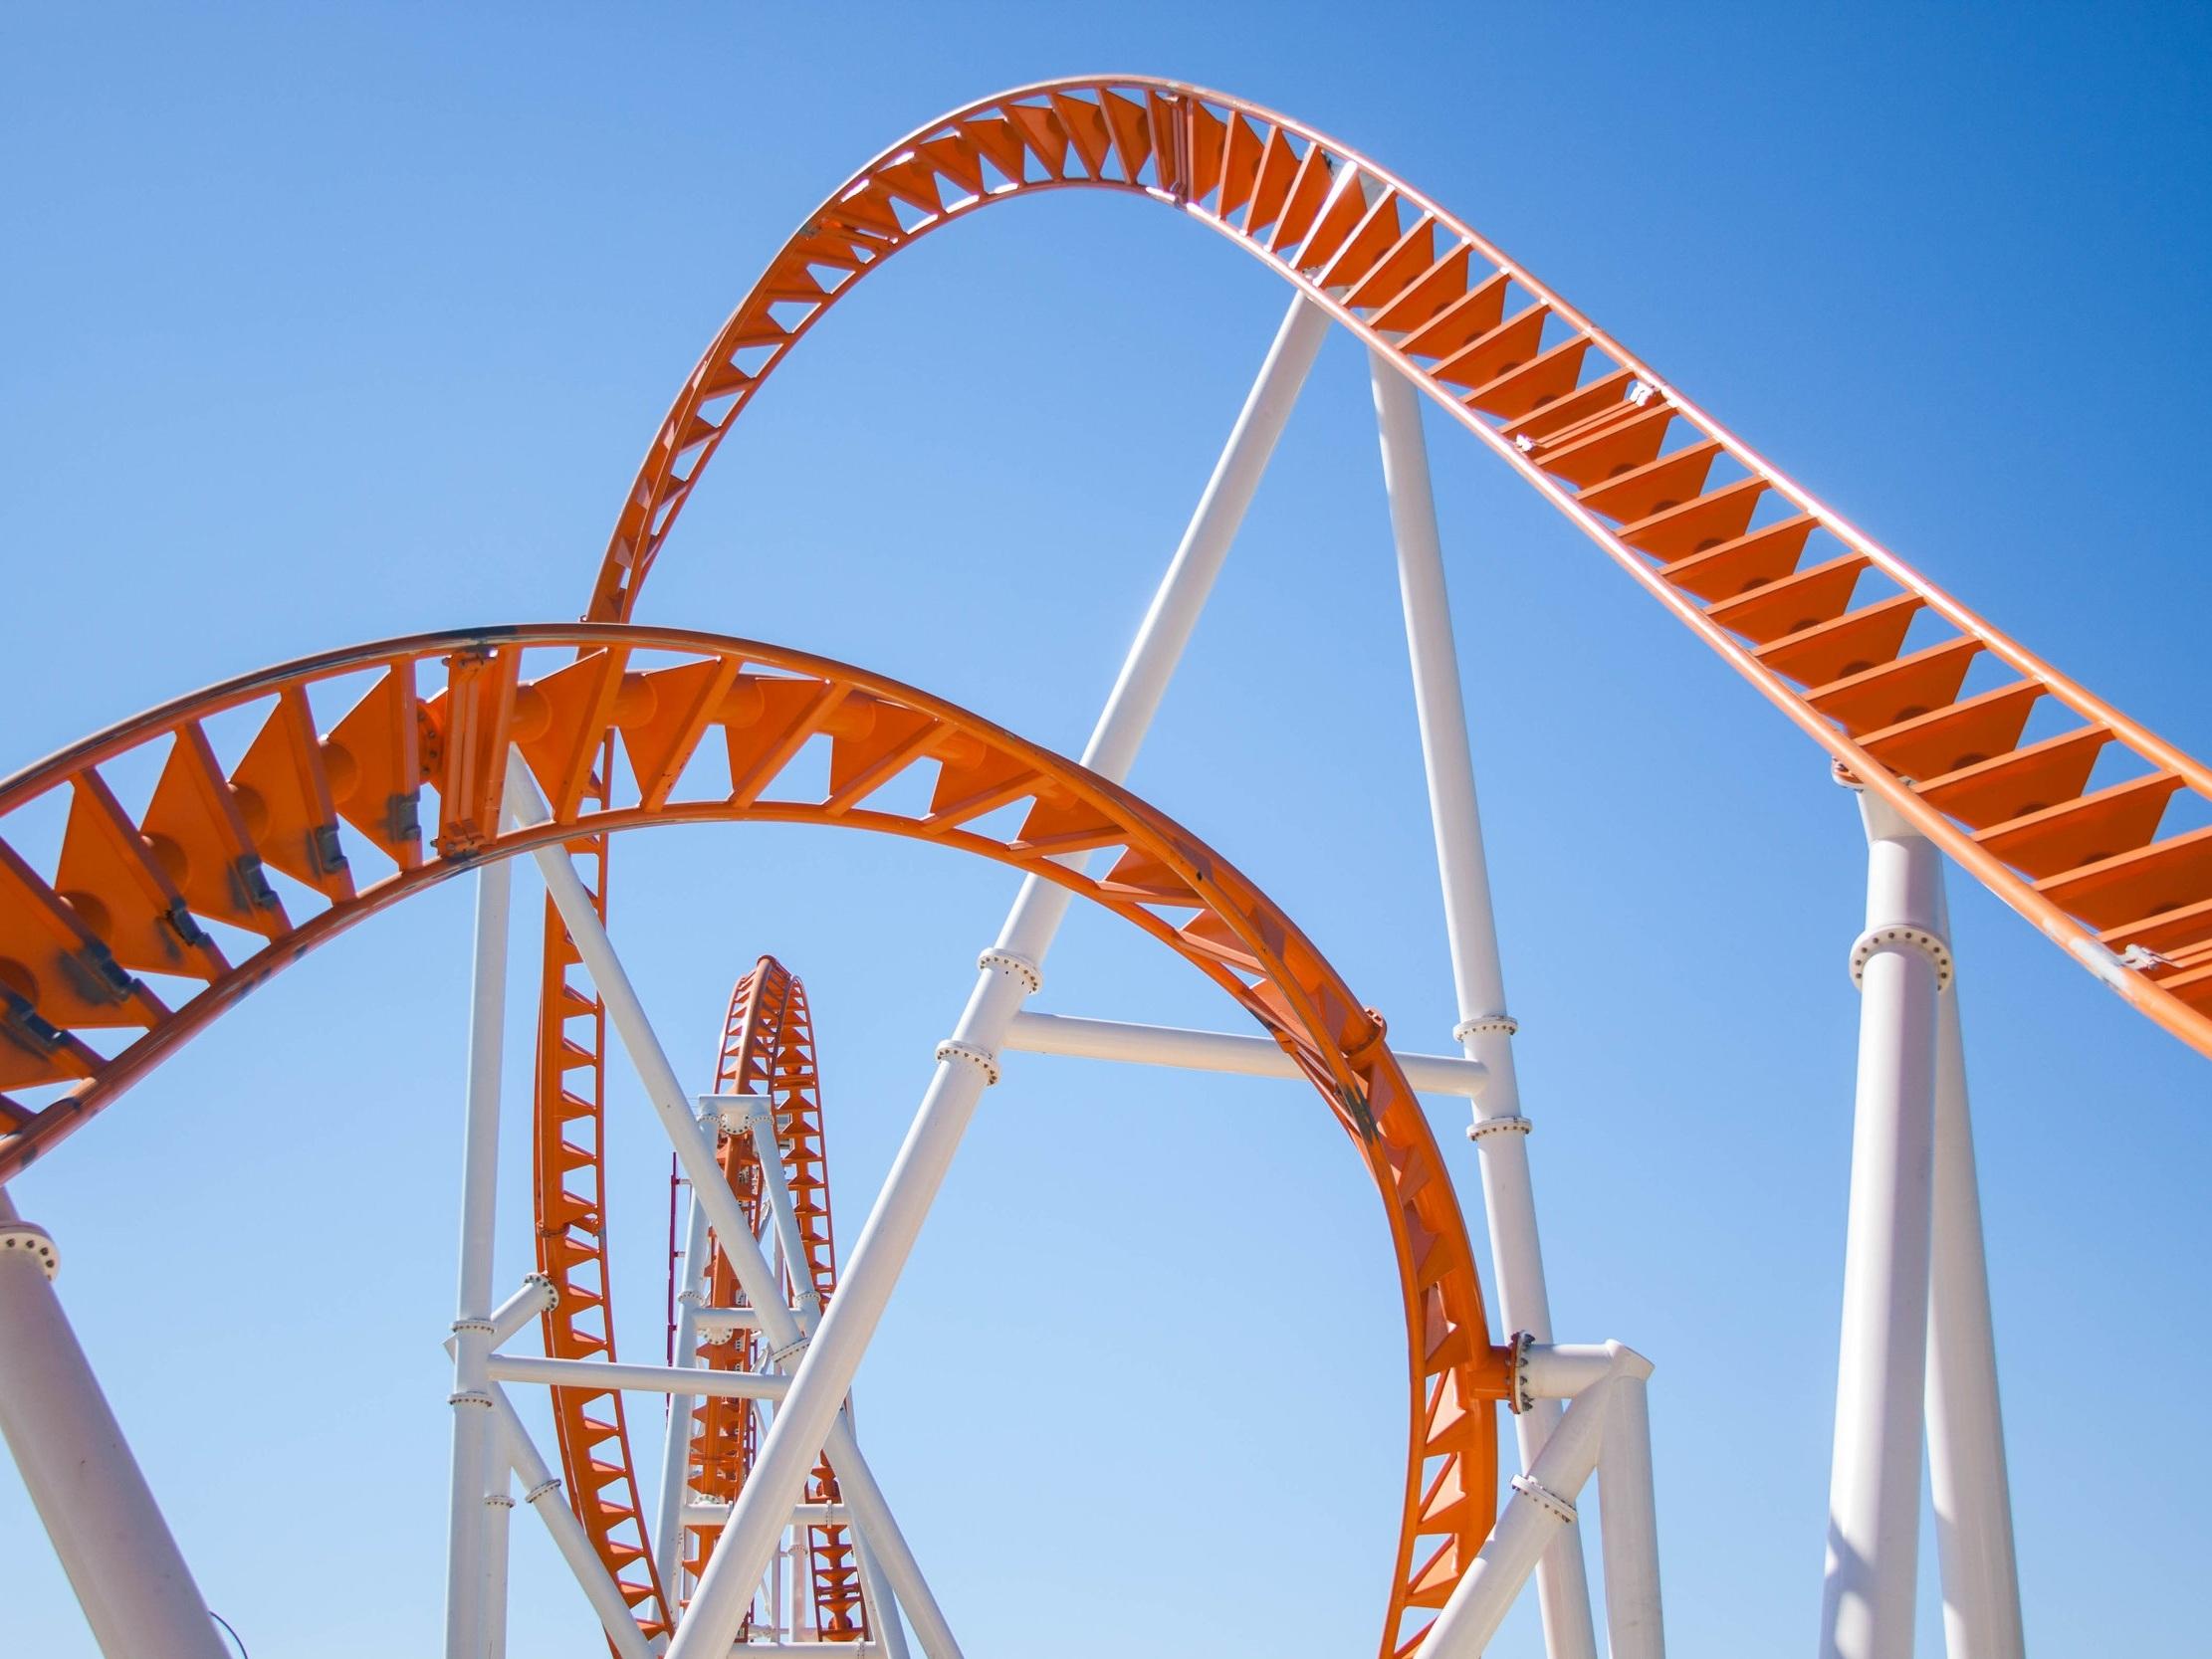 Thunderbolt Rollercoaster -